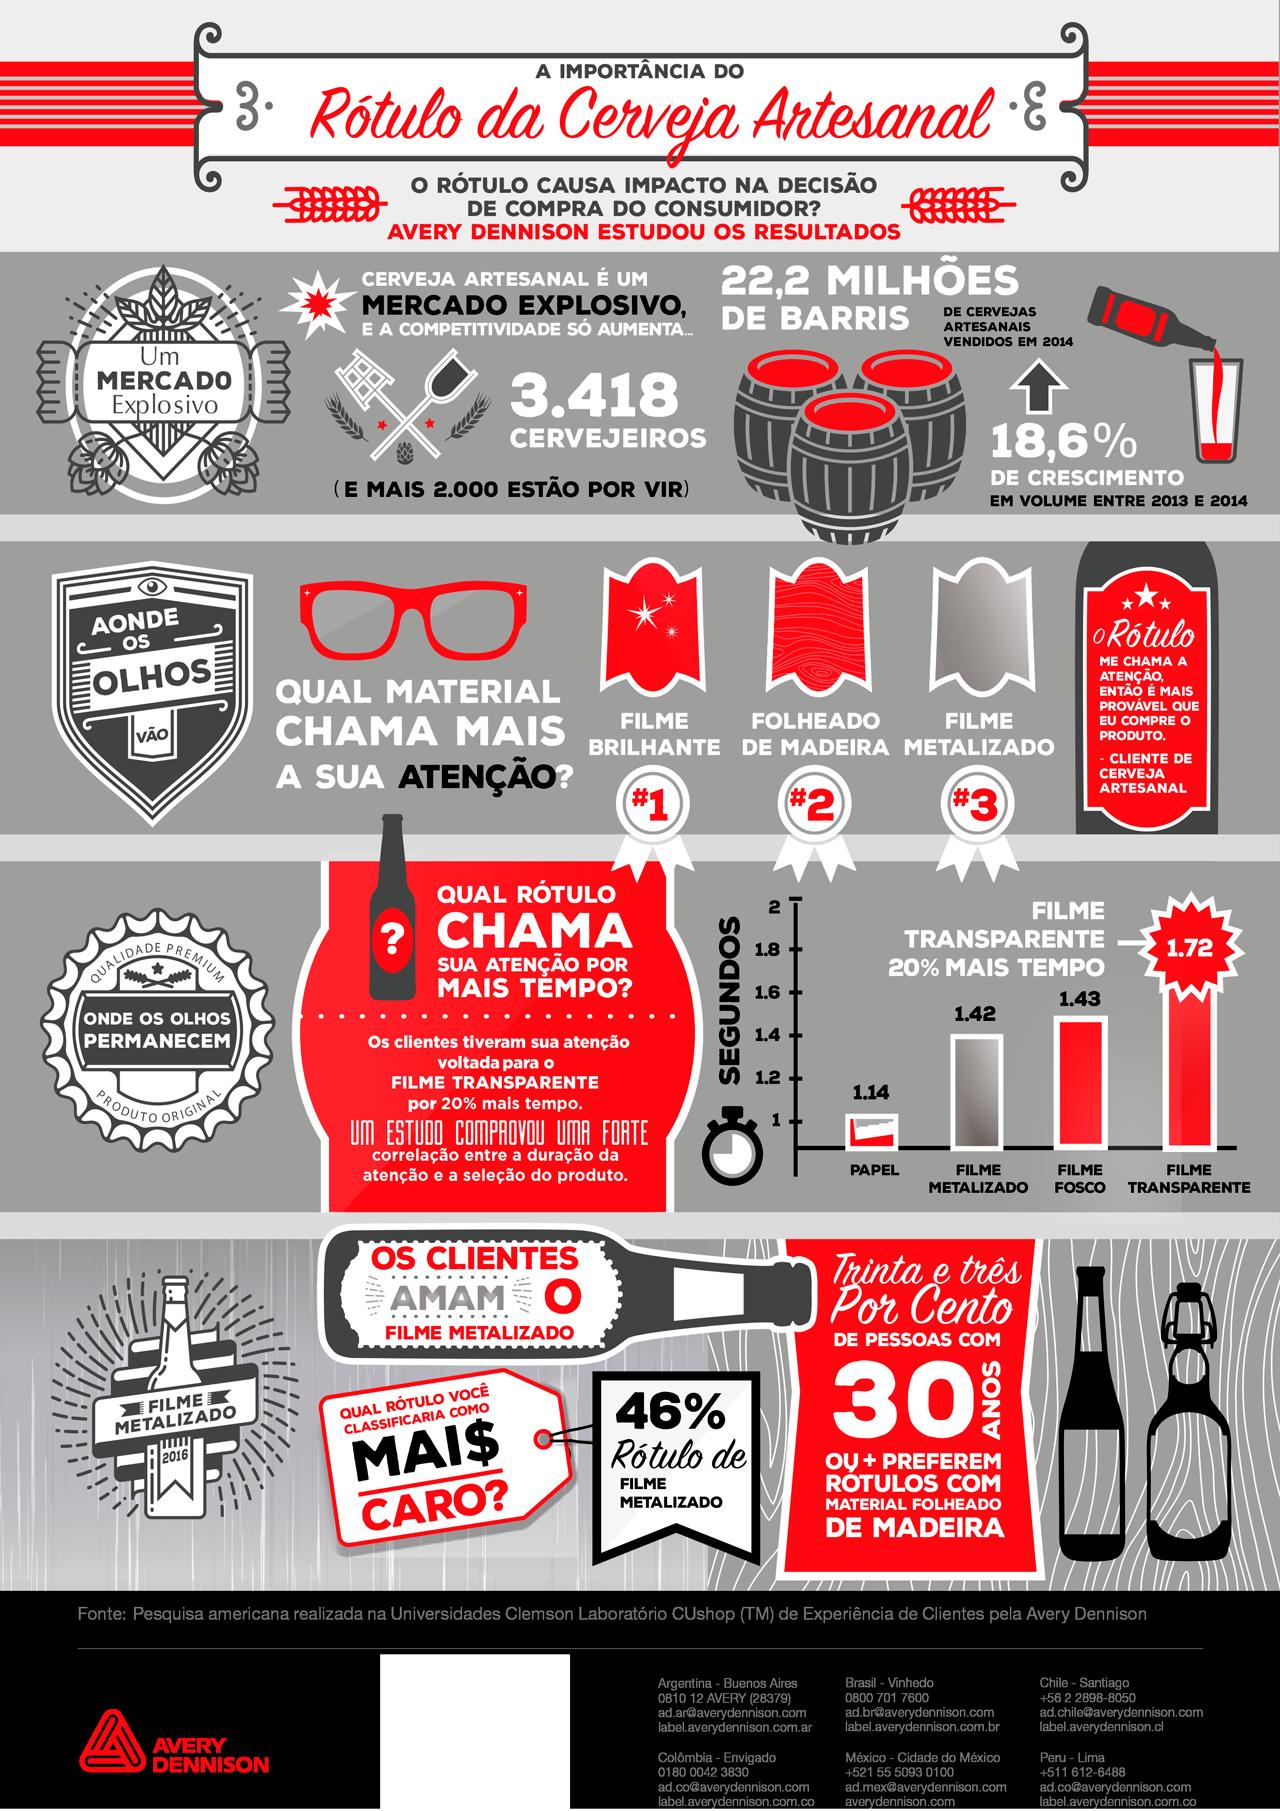 A importância dos rótulos de cervejas artesanais 3 - infográfico